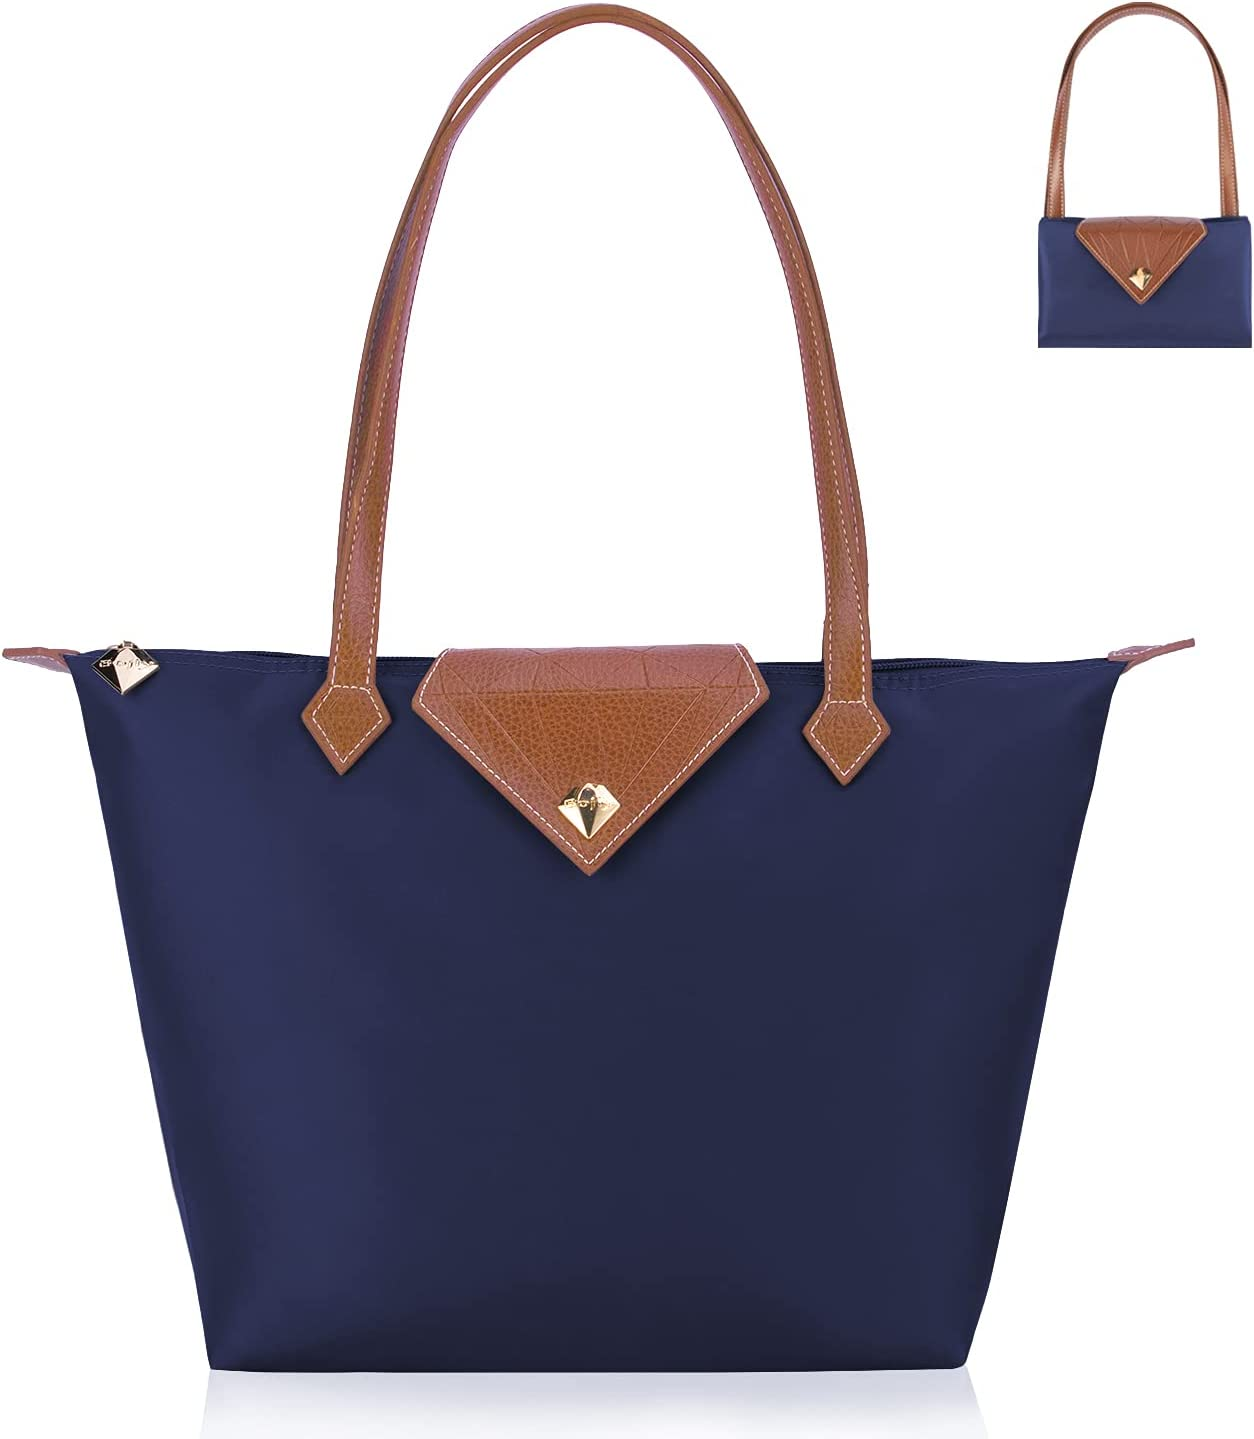 BOJLY Bolsos Totes para Mujer, bolso de hombro Bolsos para las mujeres Diamante Nylon Tote Bag Ladies Shopping Plegable Tote Bolsa de viaje de playa Impermeable Casual Azul Pequeña